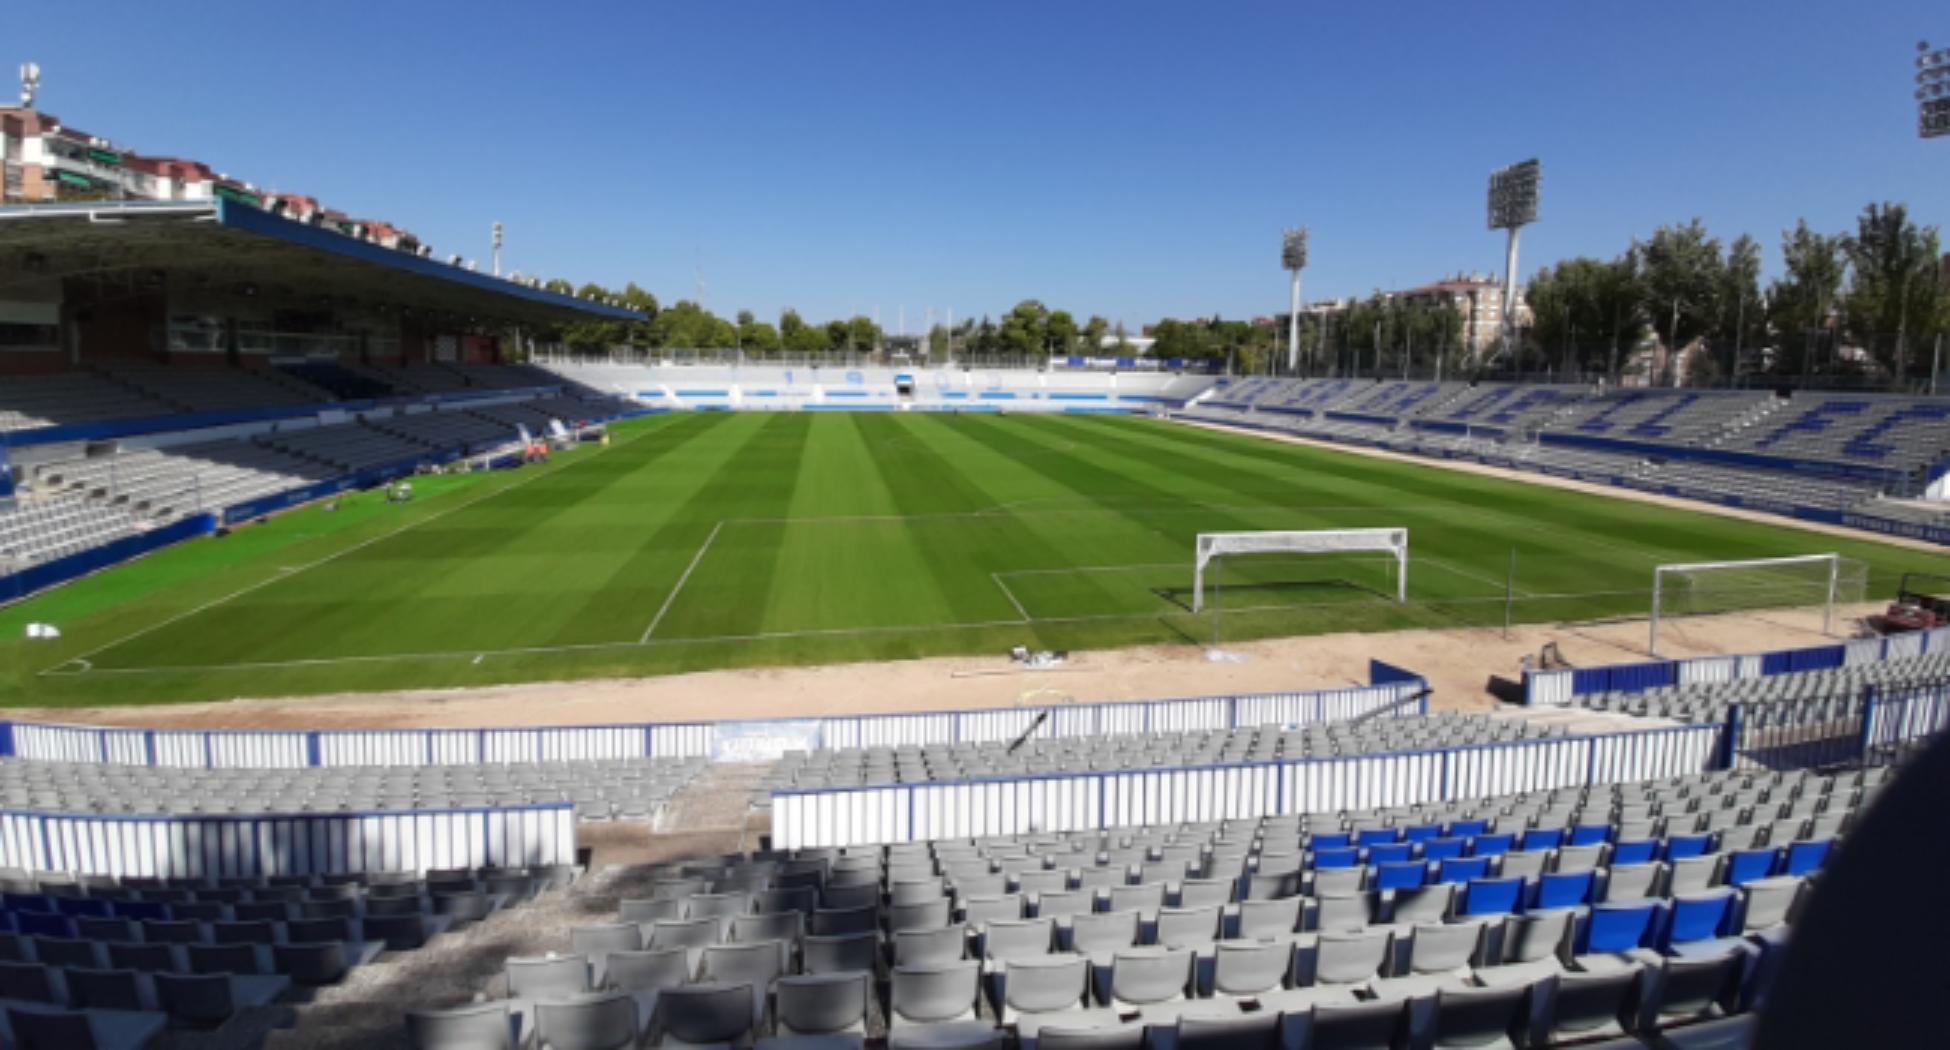 Comunicat del govern municipal en relació amb el Centre d'Esports Sabadell